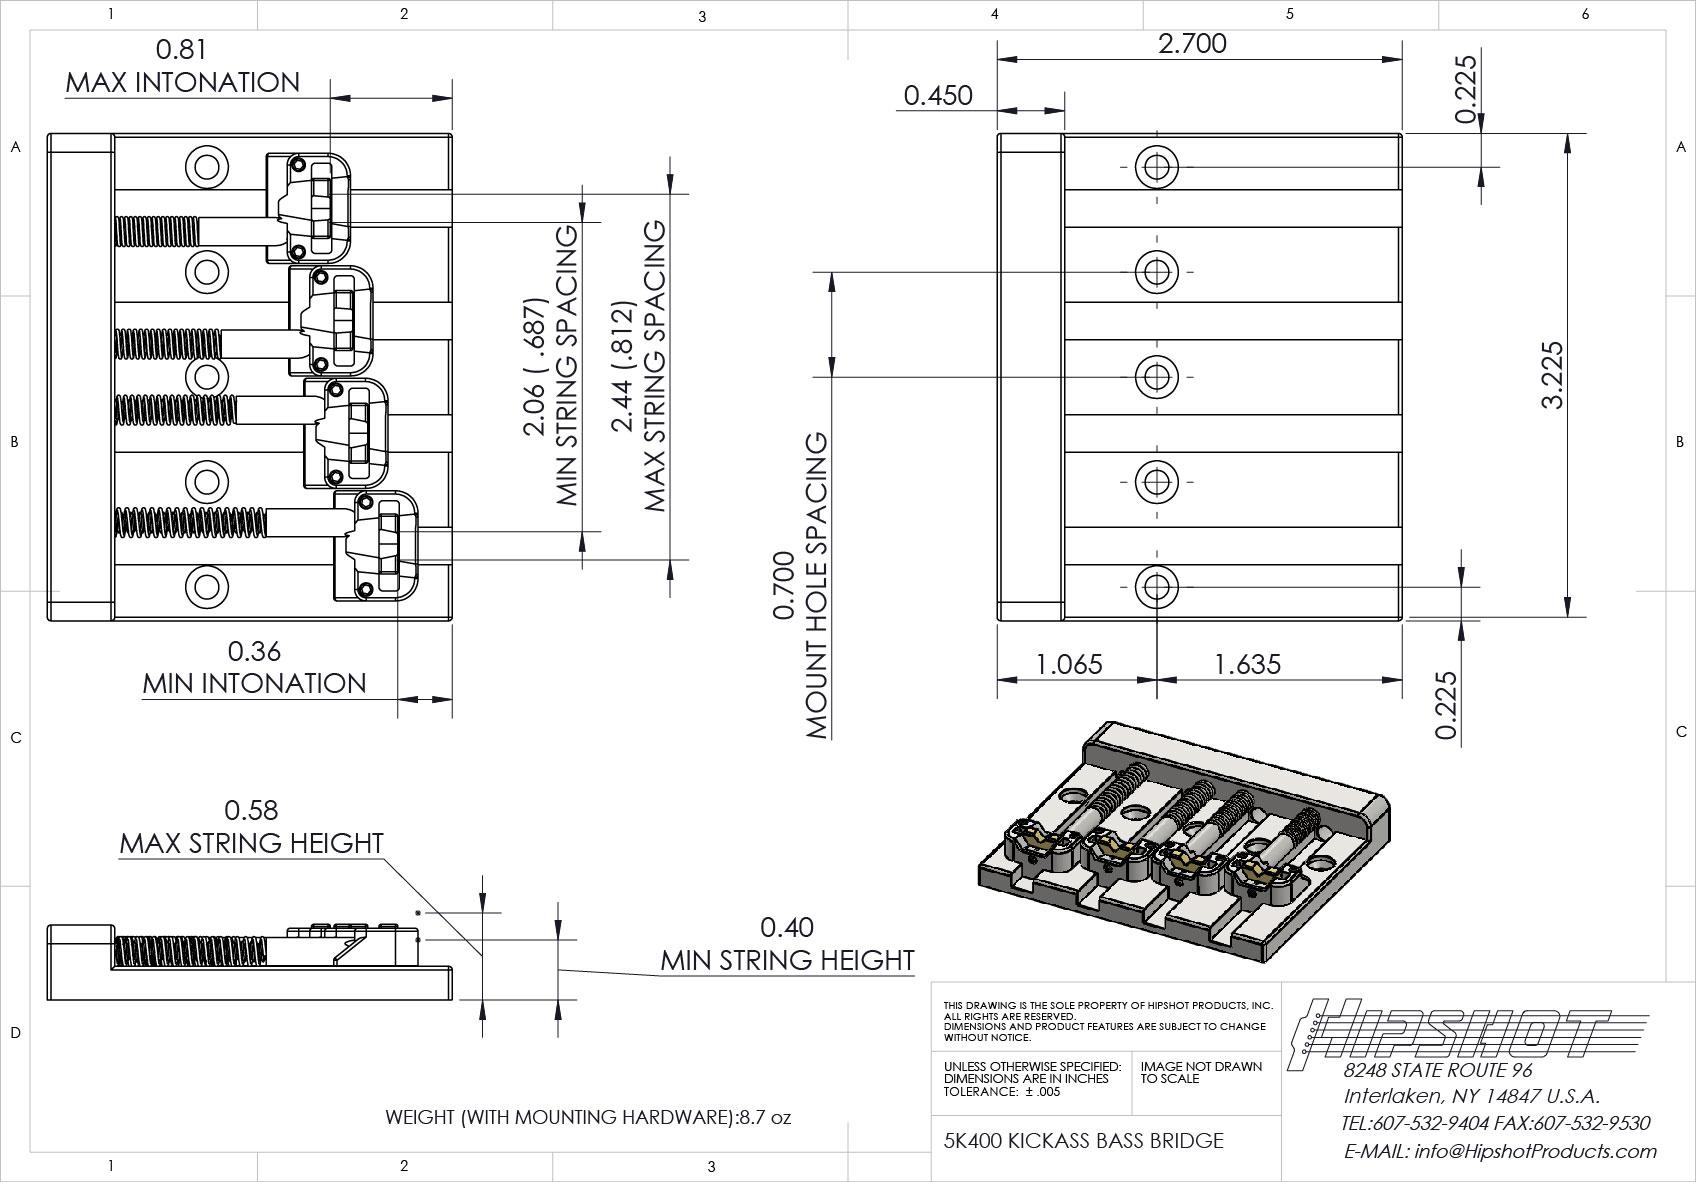 KickAss 5k400図面